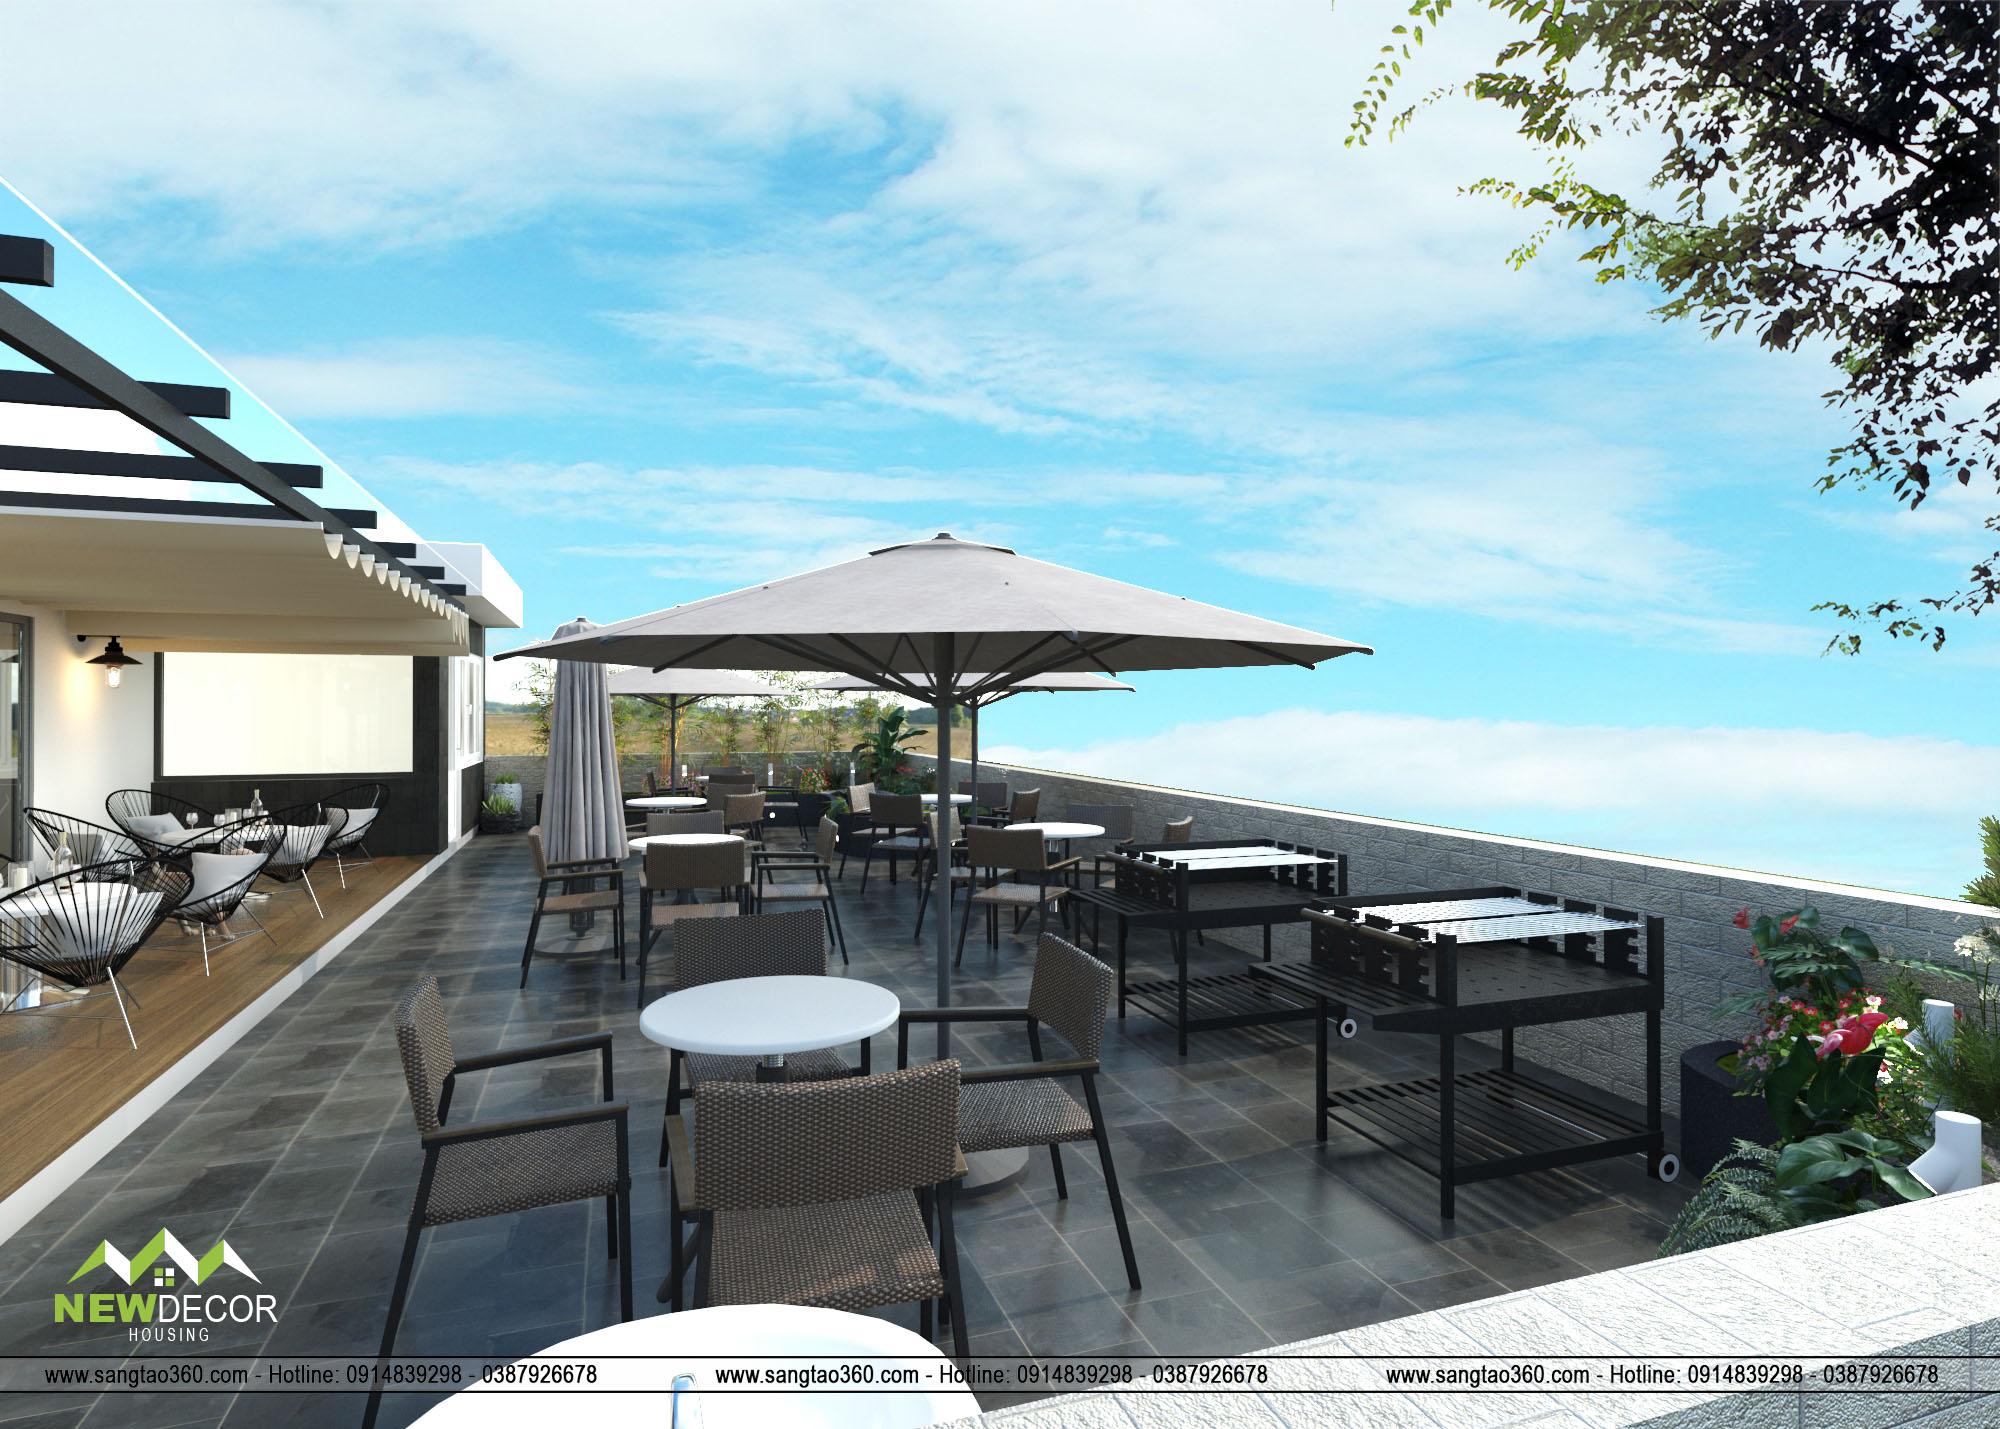 thiết kế cảnh quan sân vườn trên sân thượng